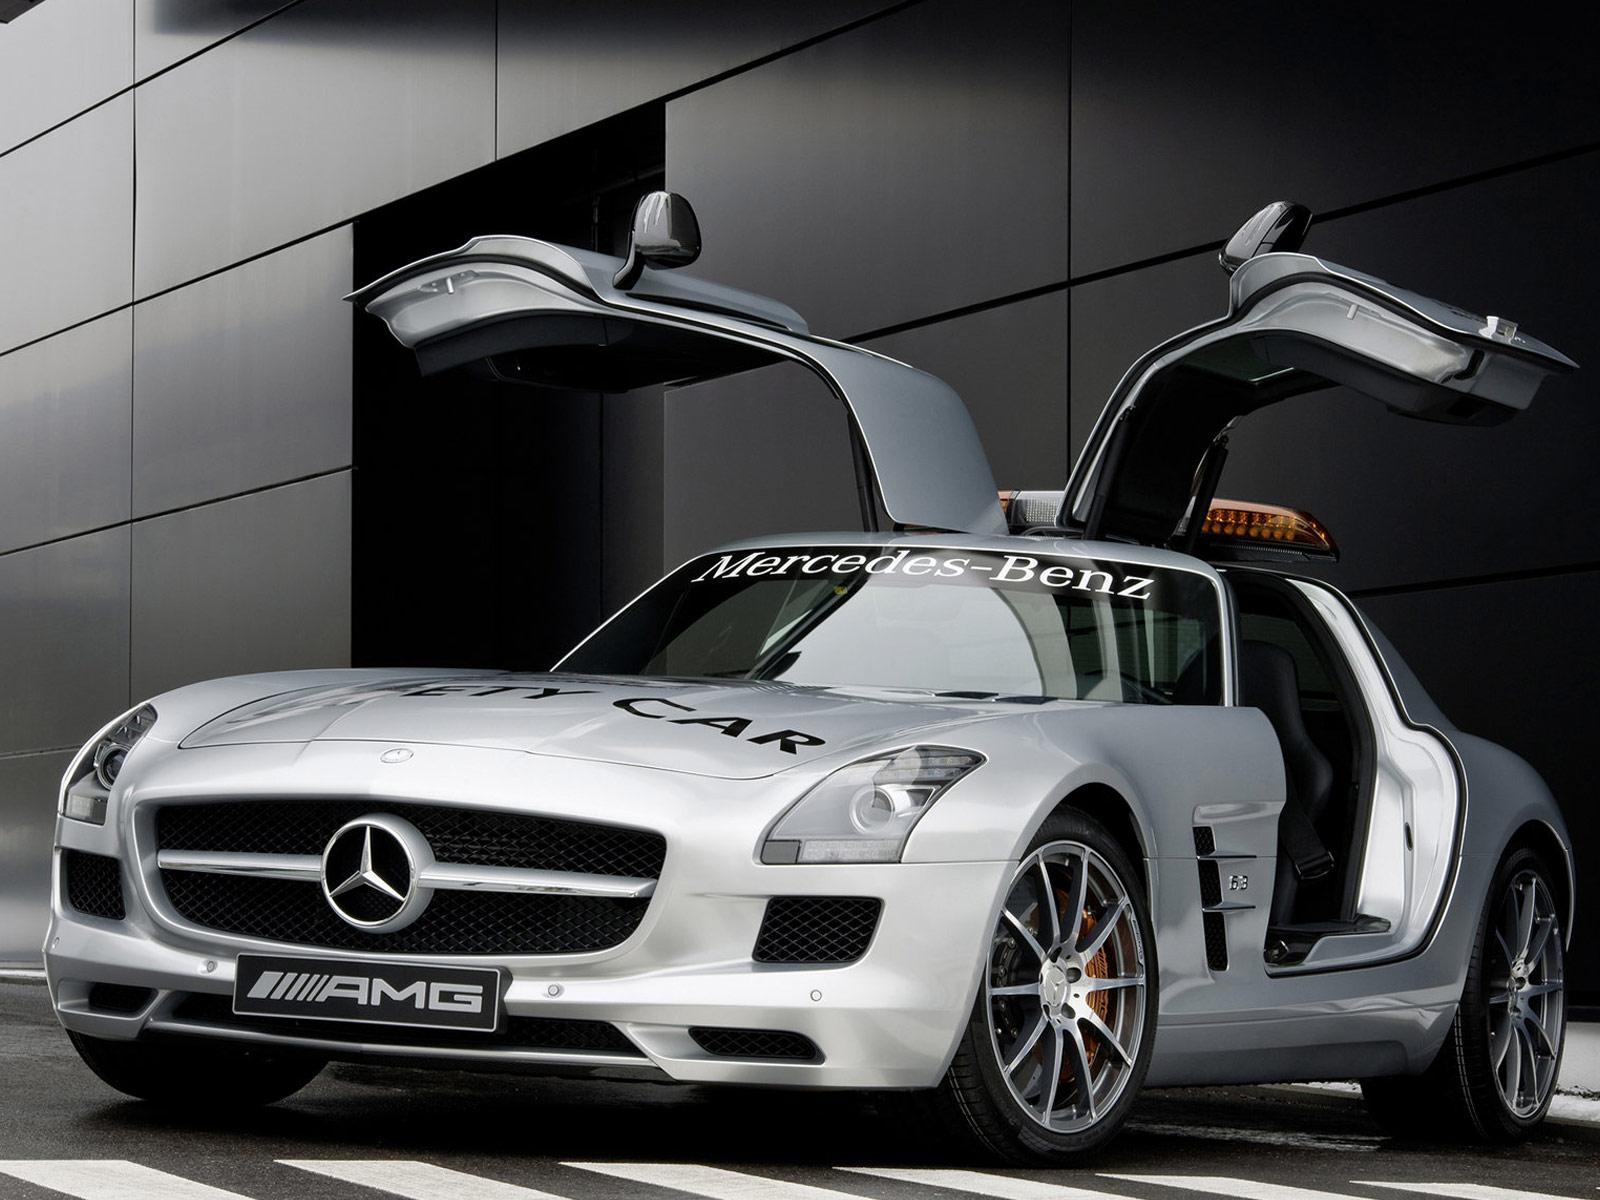 http://1.bp.blogspot.com/-73sRnHyXtdk/TyNSc-0MuWI/AAAAAAAAGqA/StFmw0ixRw4/s1600/2010-Mercedes-Benz-SLS_AMG_F1_Safety_Car_desktop_wallpaper_01.jpg